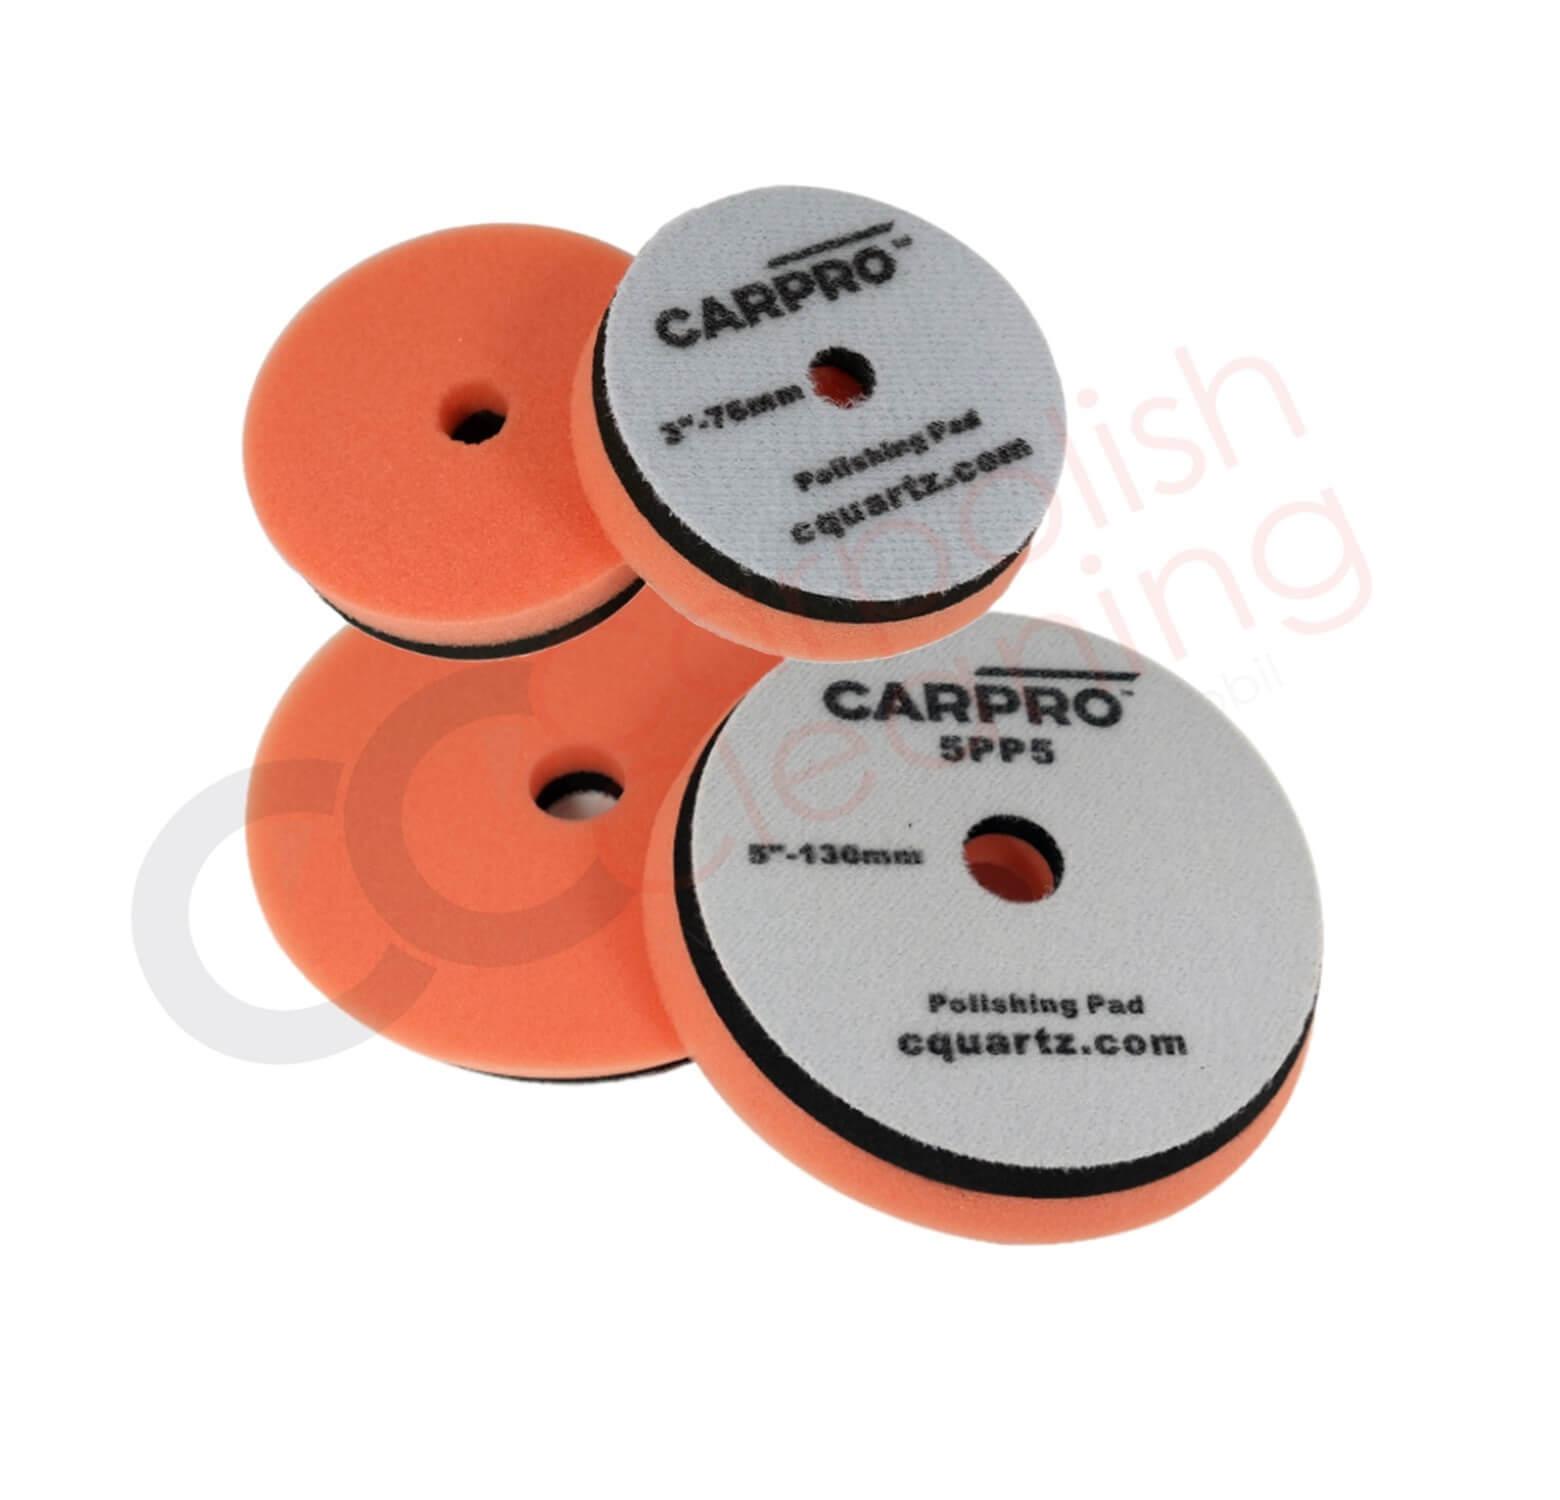 Orange Polierpad von CarPro beide Grössen im Vergleich